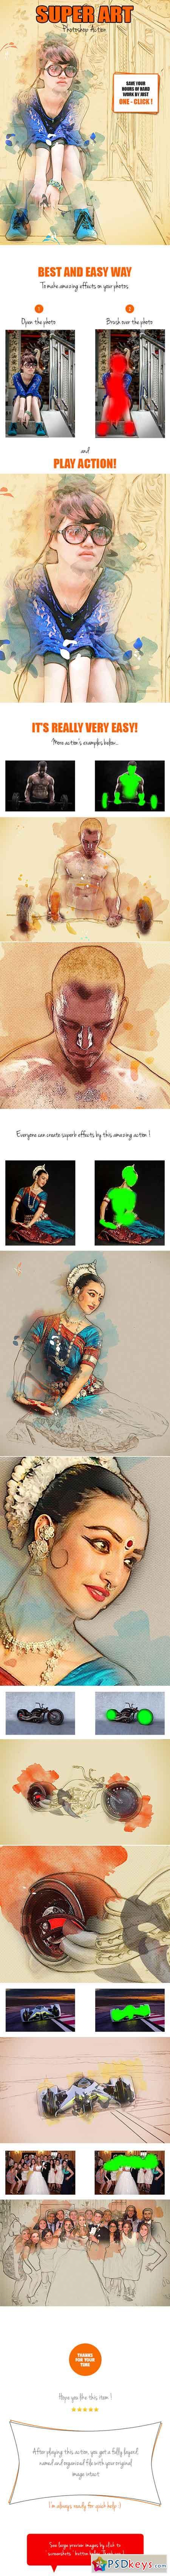 Super Art Photoshop Action 16081495